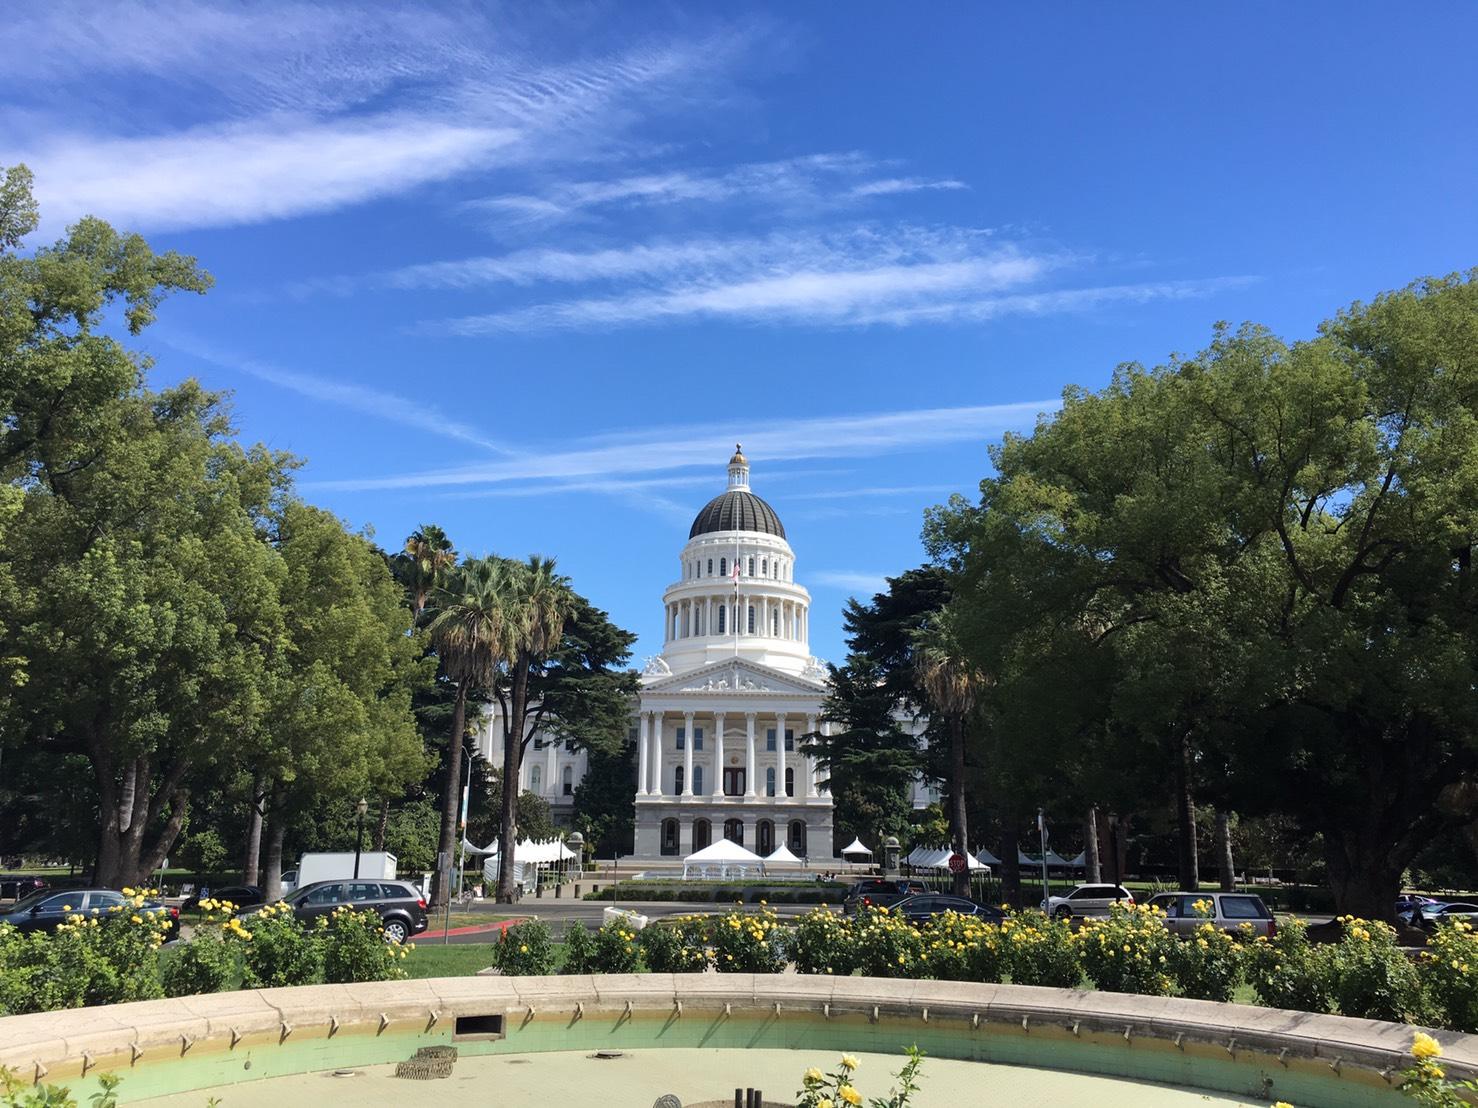 (こちらはカリフォルニア州の議事堂です!)